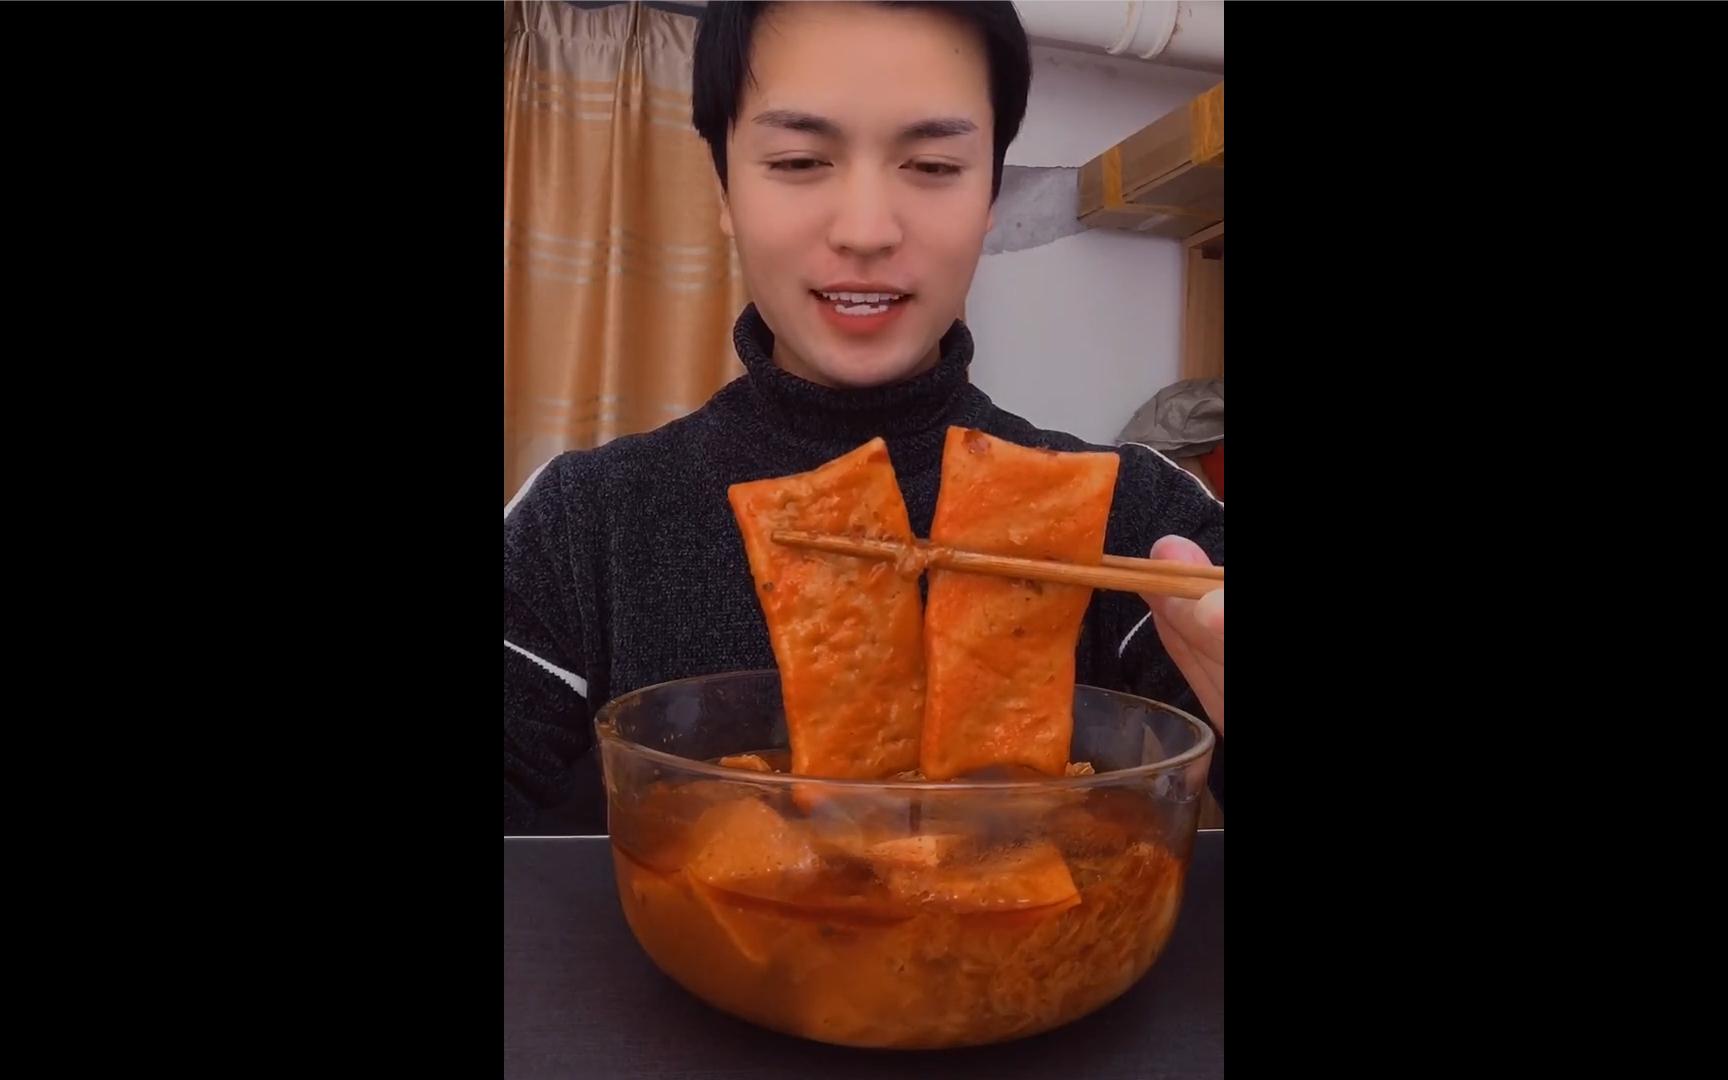 【土味食刻】二:麻辣烫我只吃母的